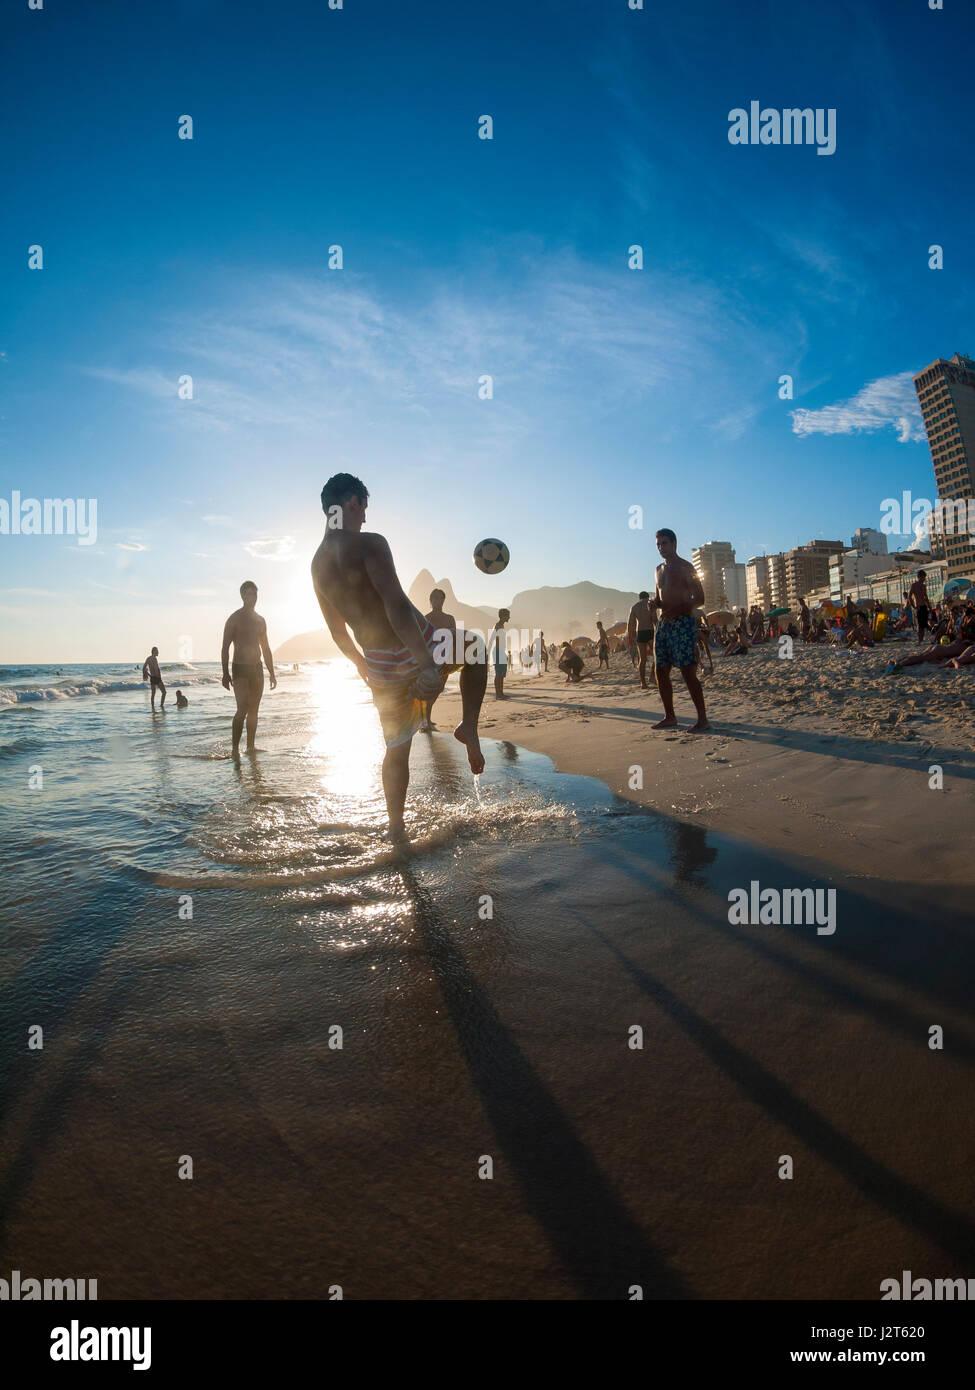 RIO DE JANEIRO - le 2 février 2013: les jeunes Brésiliens jouent altinho beach football dans un Photo Stock